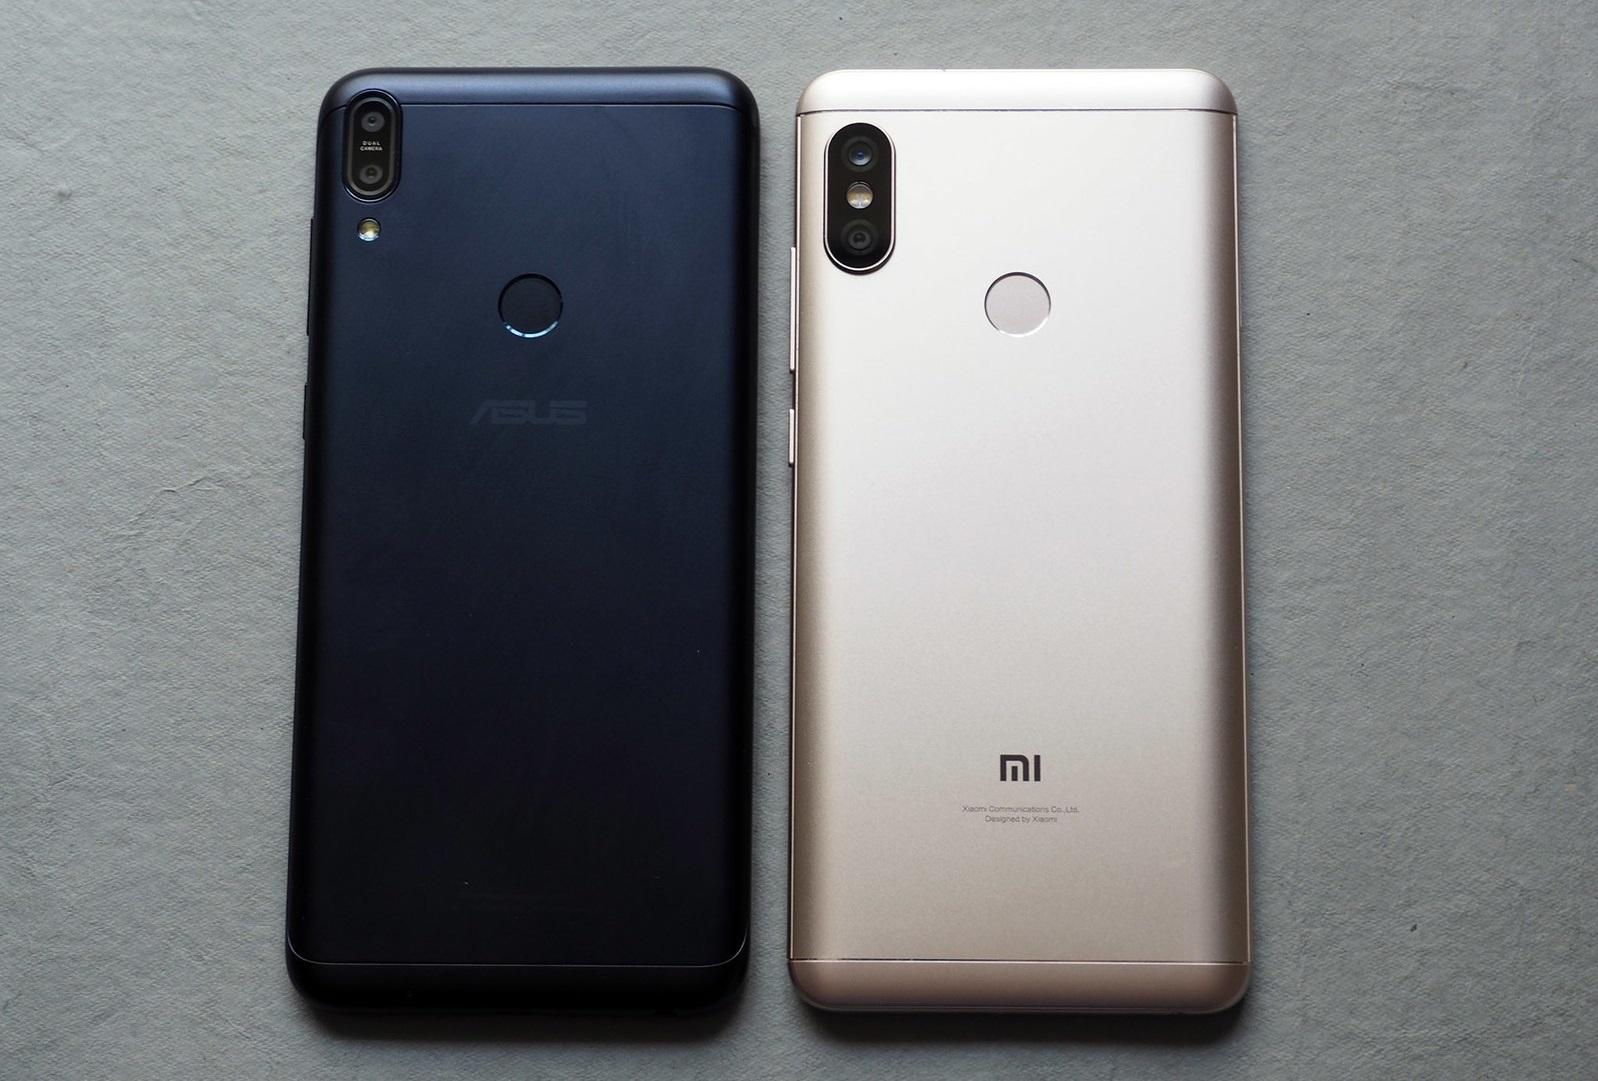 Image Result For Redmi Note Pro Vs Asus Zenfone Max Pro M Vs